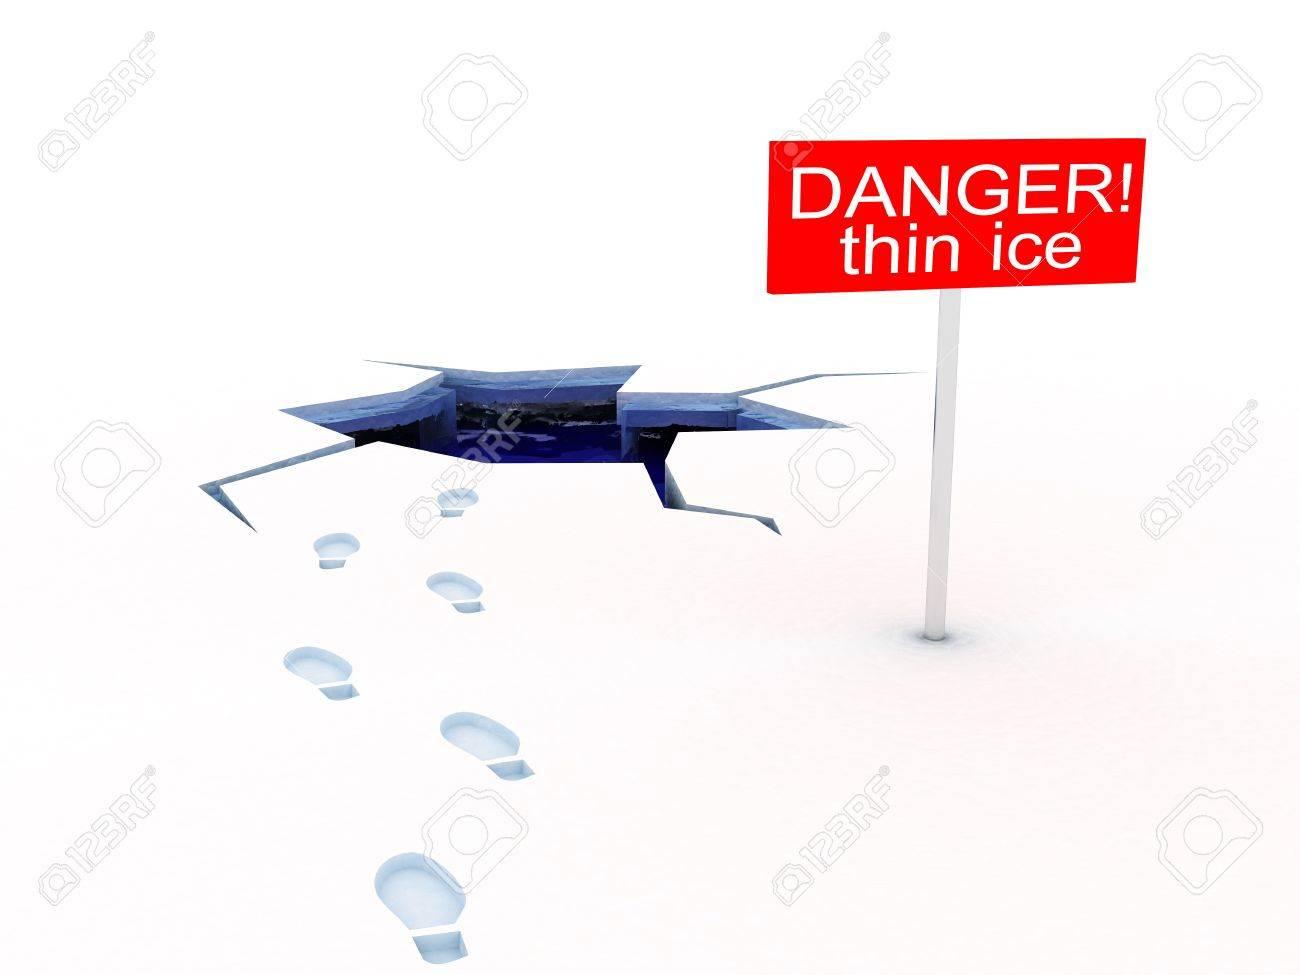 3943006-3d-illustration-of-danger-of-thin-ice-white